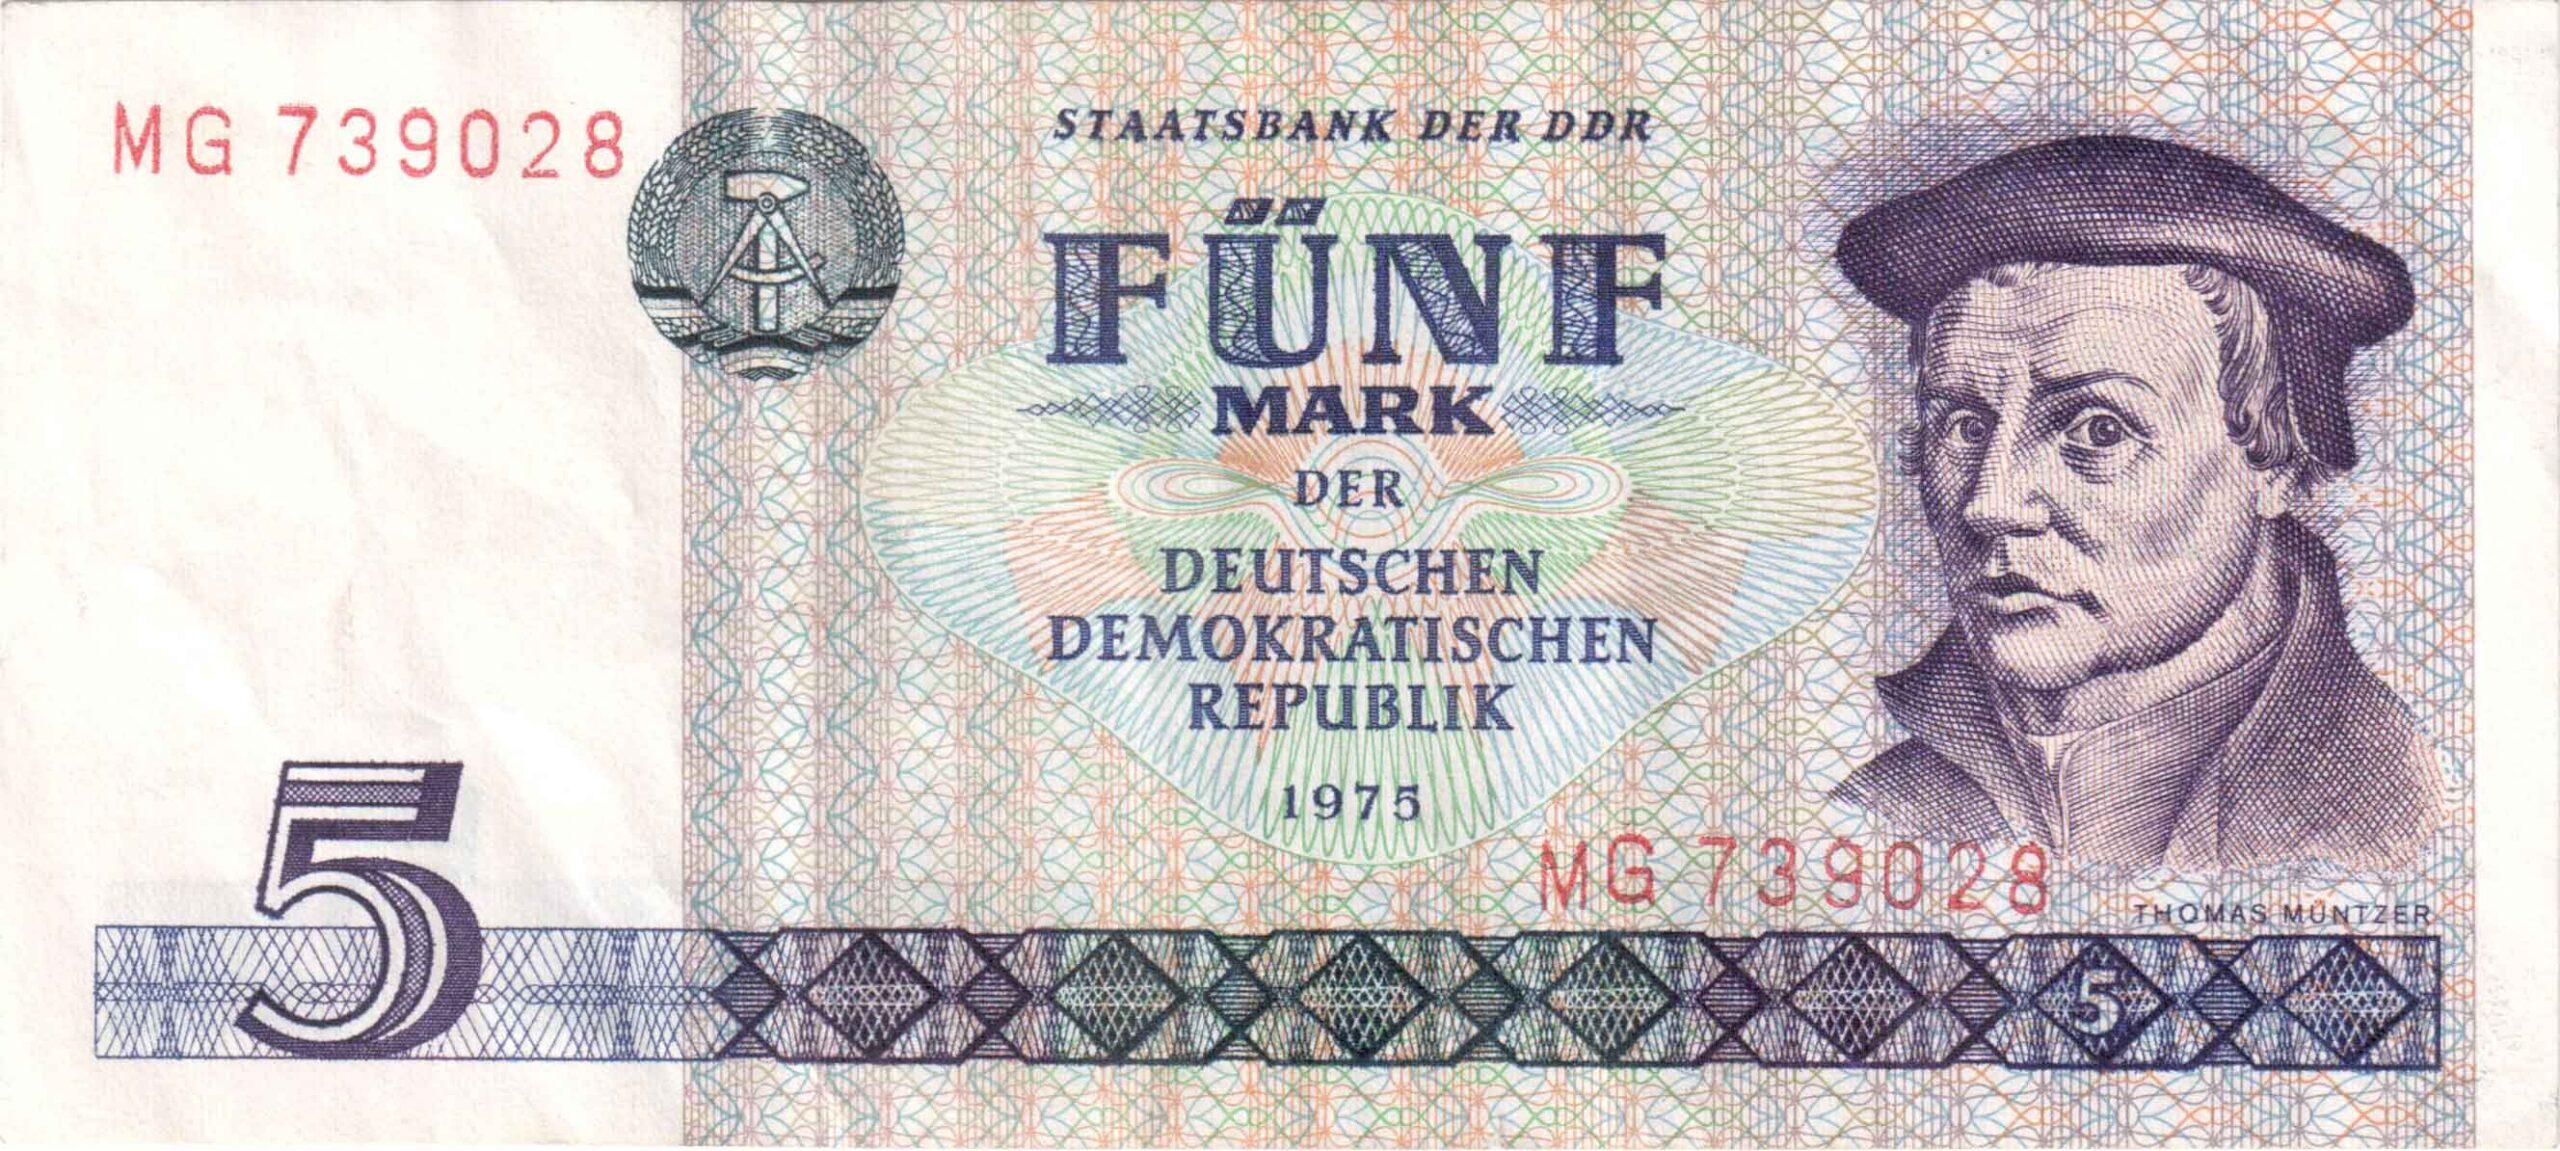 Fünfmarkschein der DDR von 1975, Ro. 361, Vorderseite